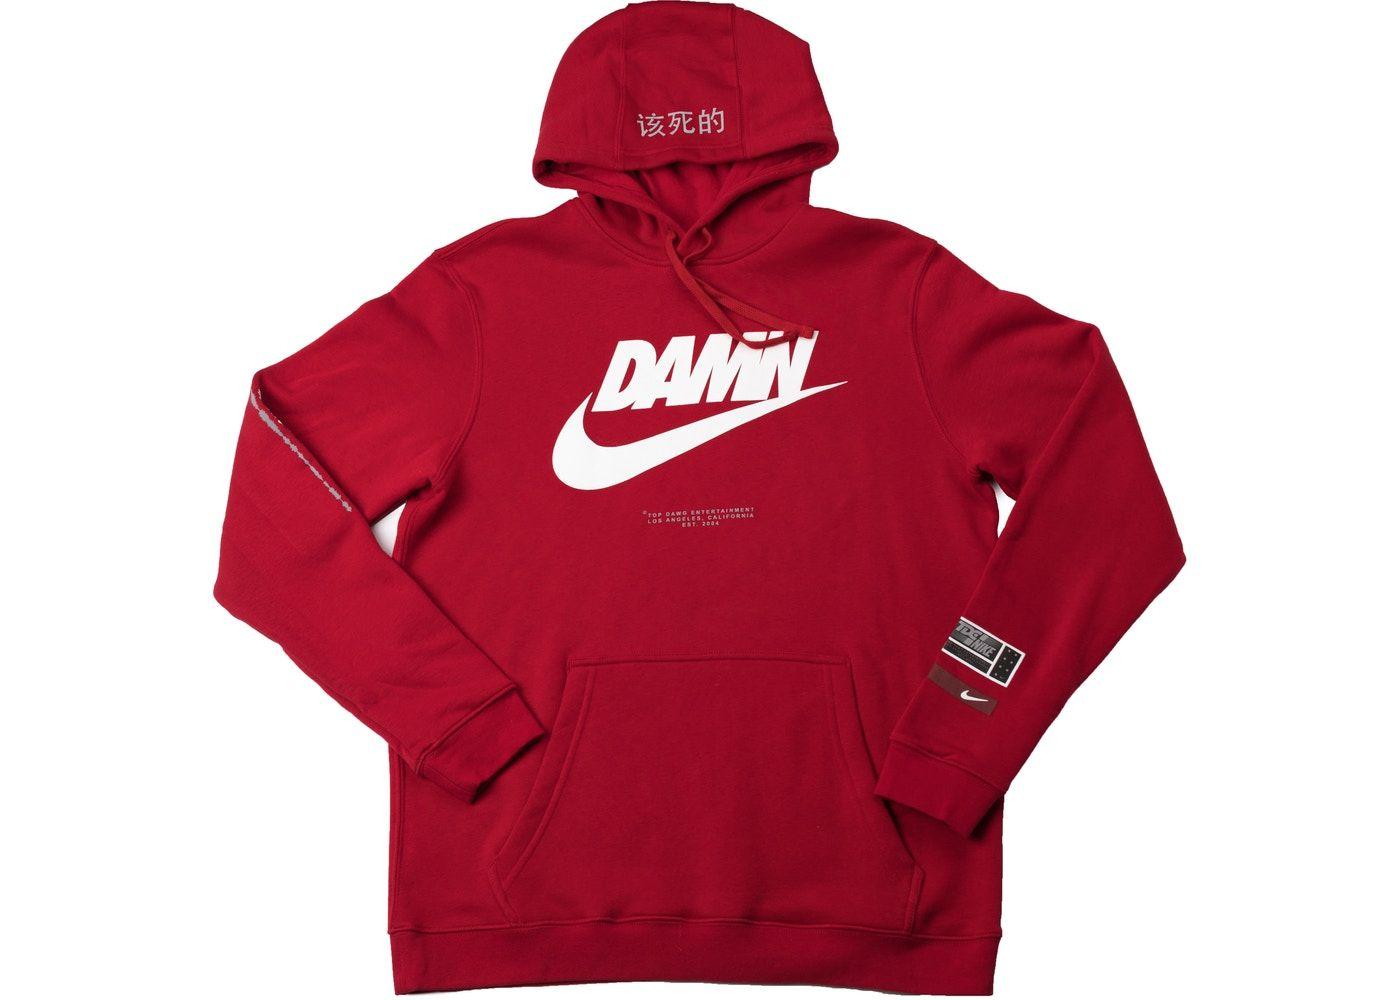 Tde X Nike Swoosh Logo Tde Red In 2021 Nike Swoosh Logo Red Hoodie Hoodies [ 1000 x 1400 Pixel ]